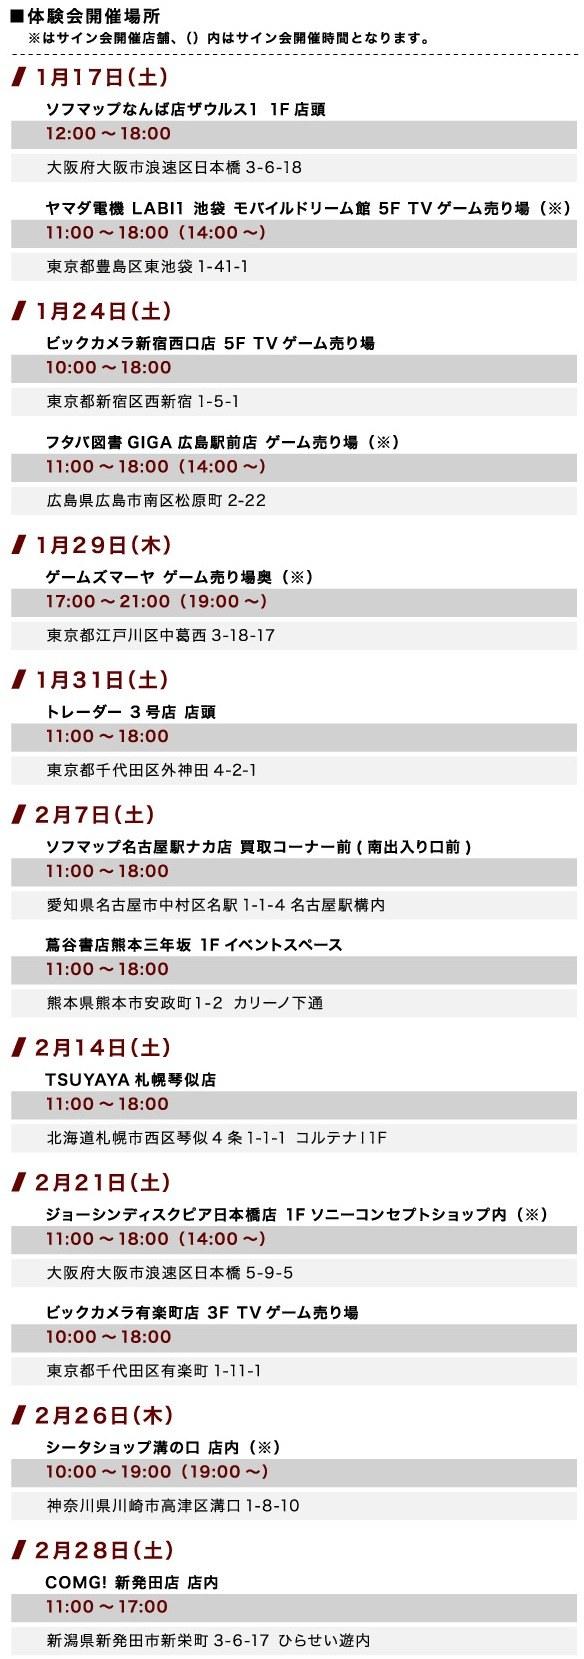 ryu-ga-gotoku-zero-taikenkai_150108